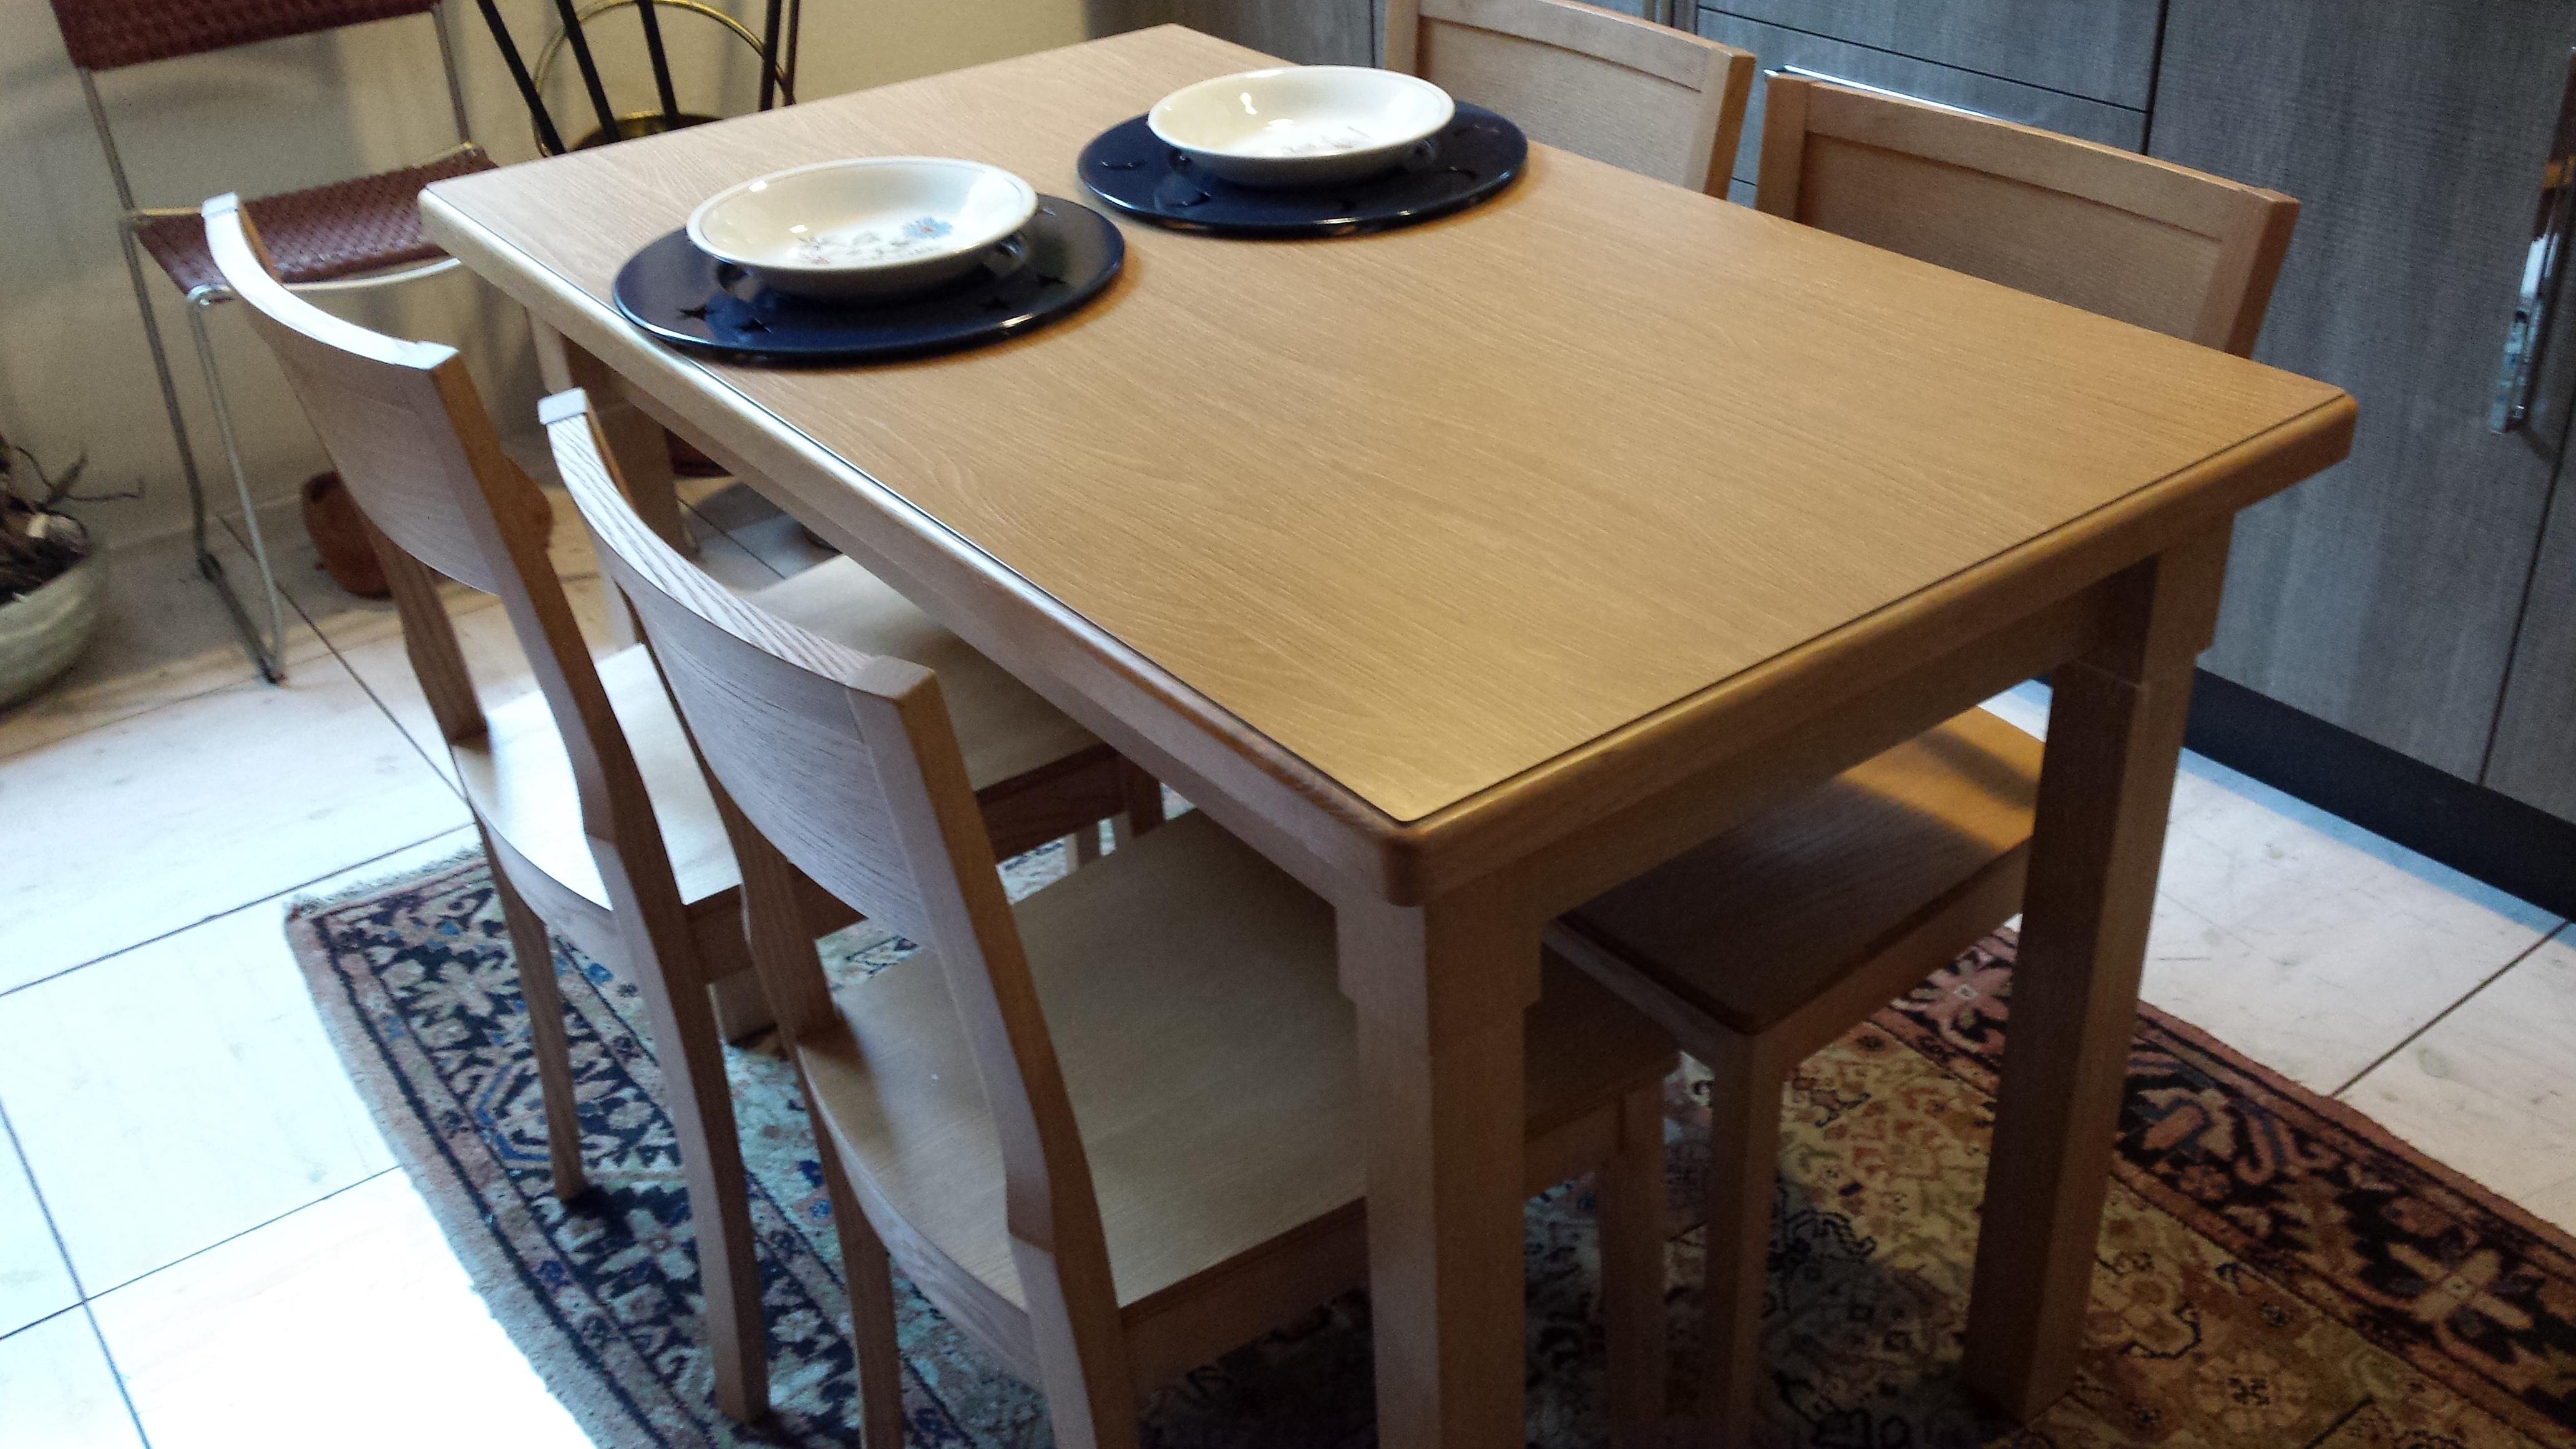 Legno Rovere Gessato Bordi Massello Da 120/160 X 70 Con 4 Sedie In #886C43 4128 2322 Sedie In Legno Per Cucina Colorate